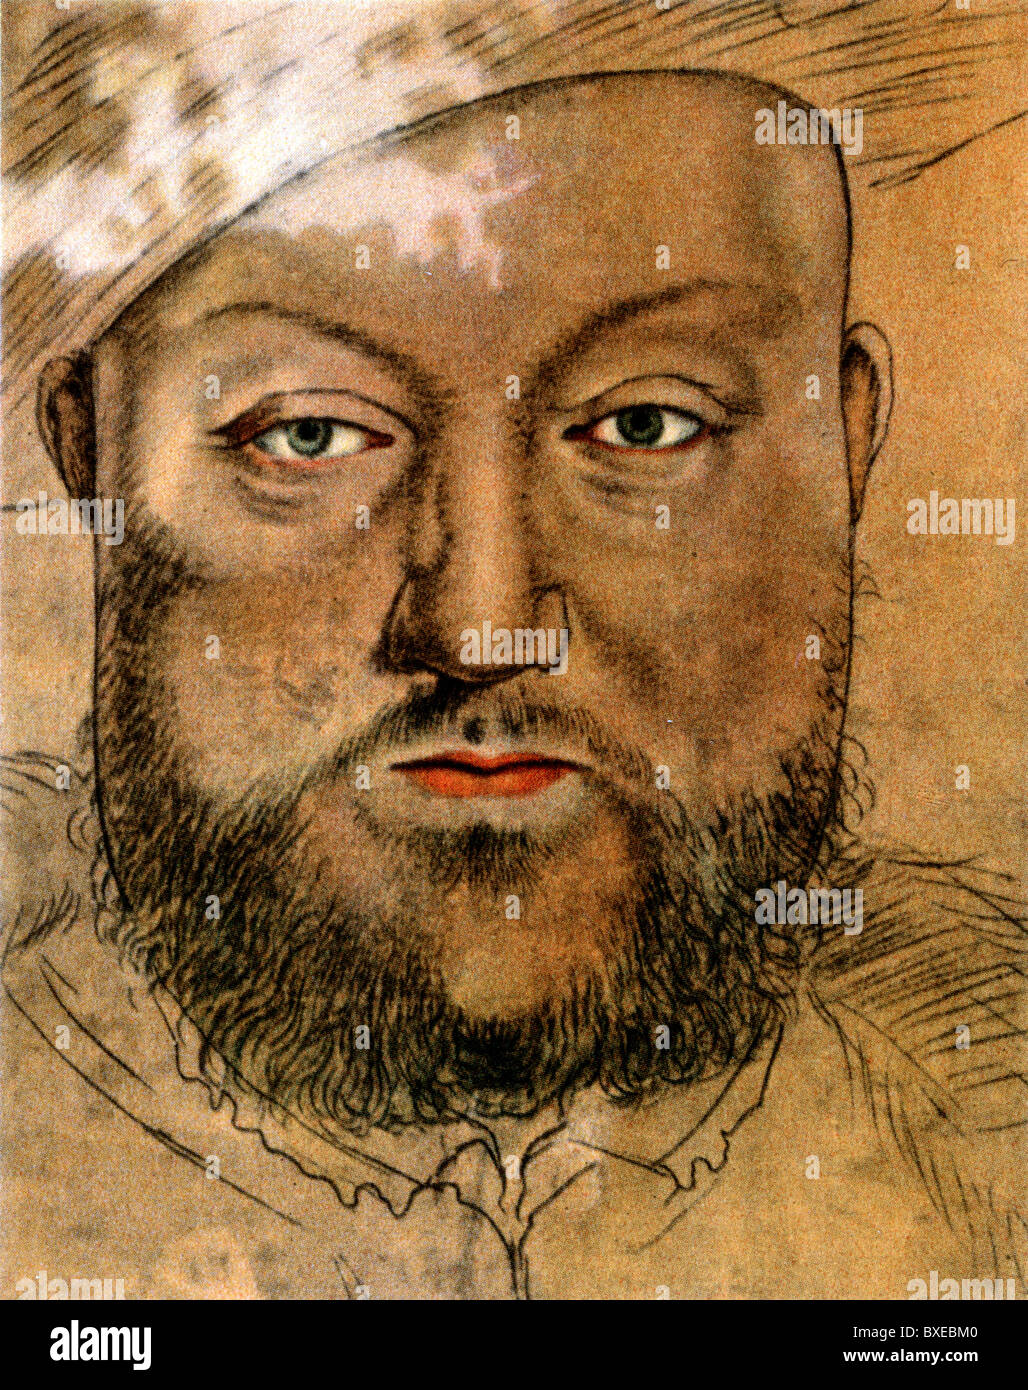 Schizzo di Hans Holbein il Giovane; Ritratto di Re Enrico VIII d'Inghilterra, Illustrazione a colori; Immagini Stock